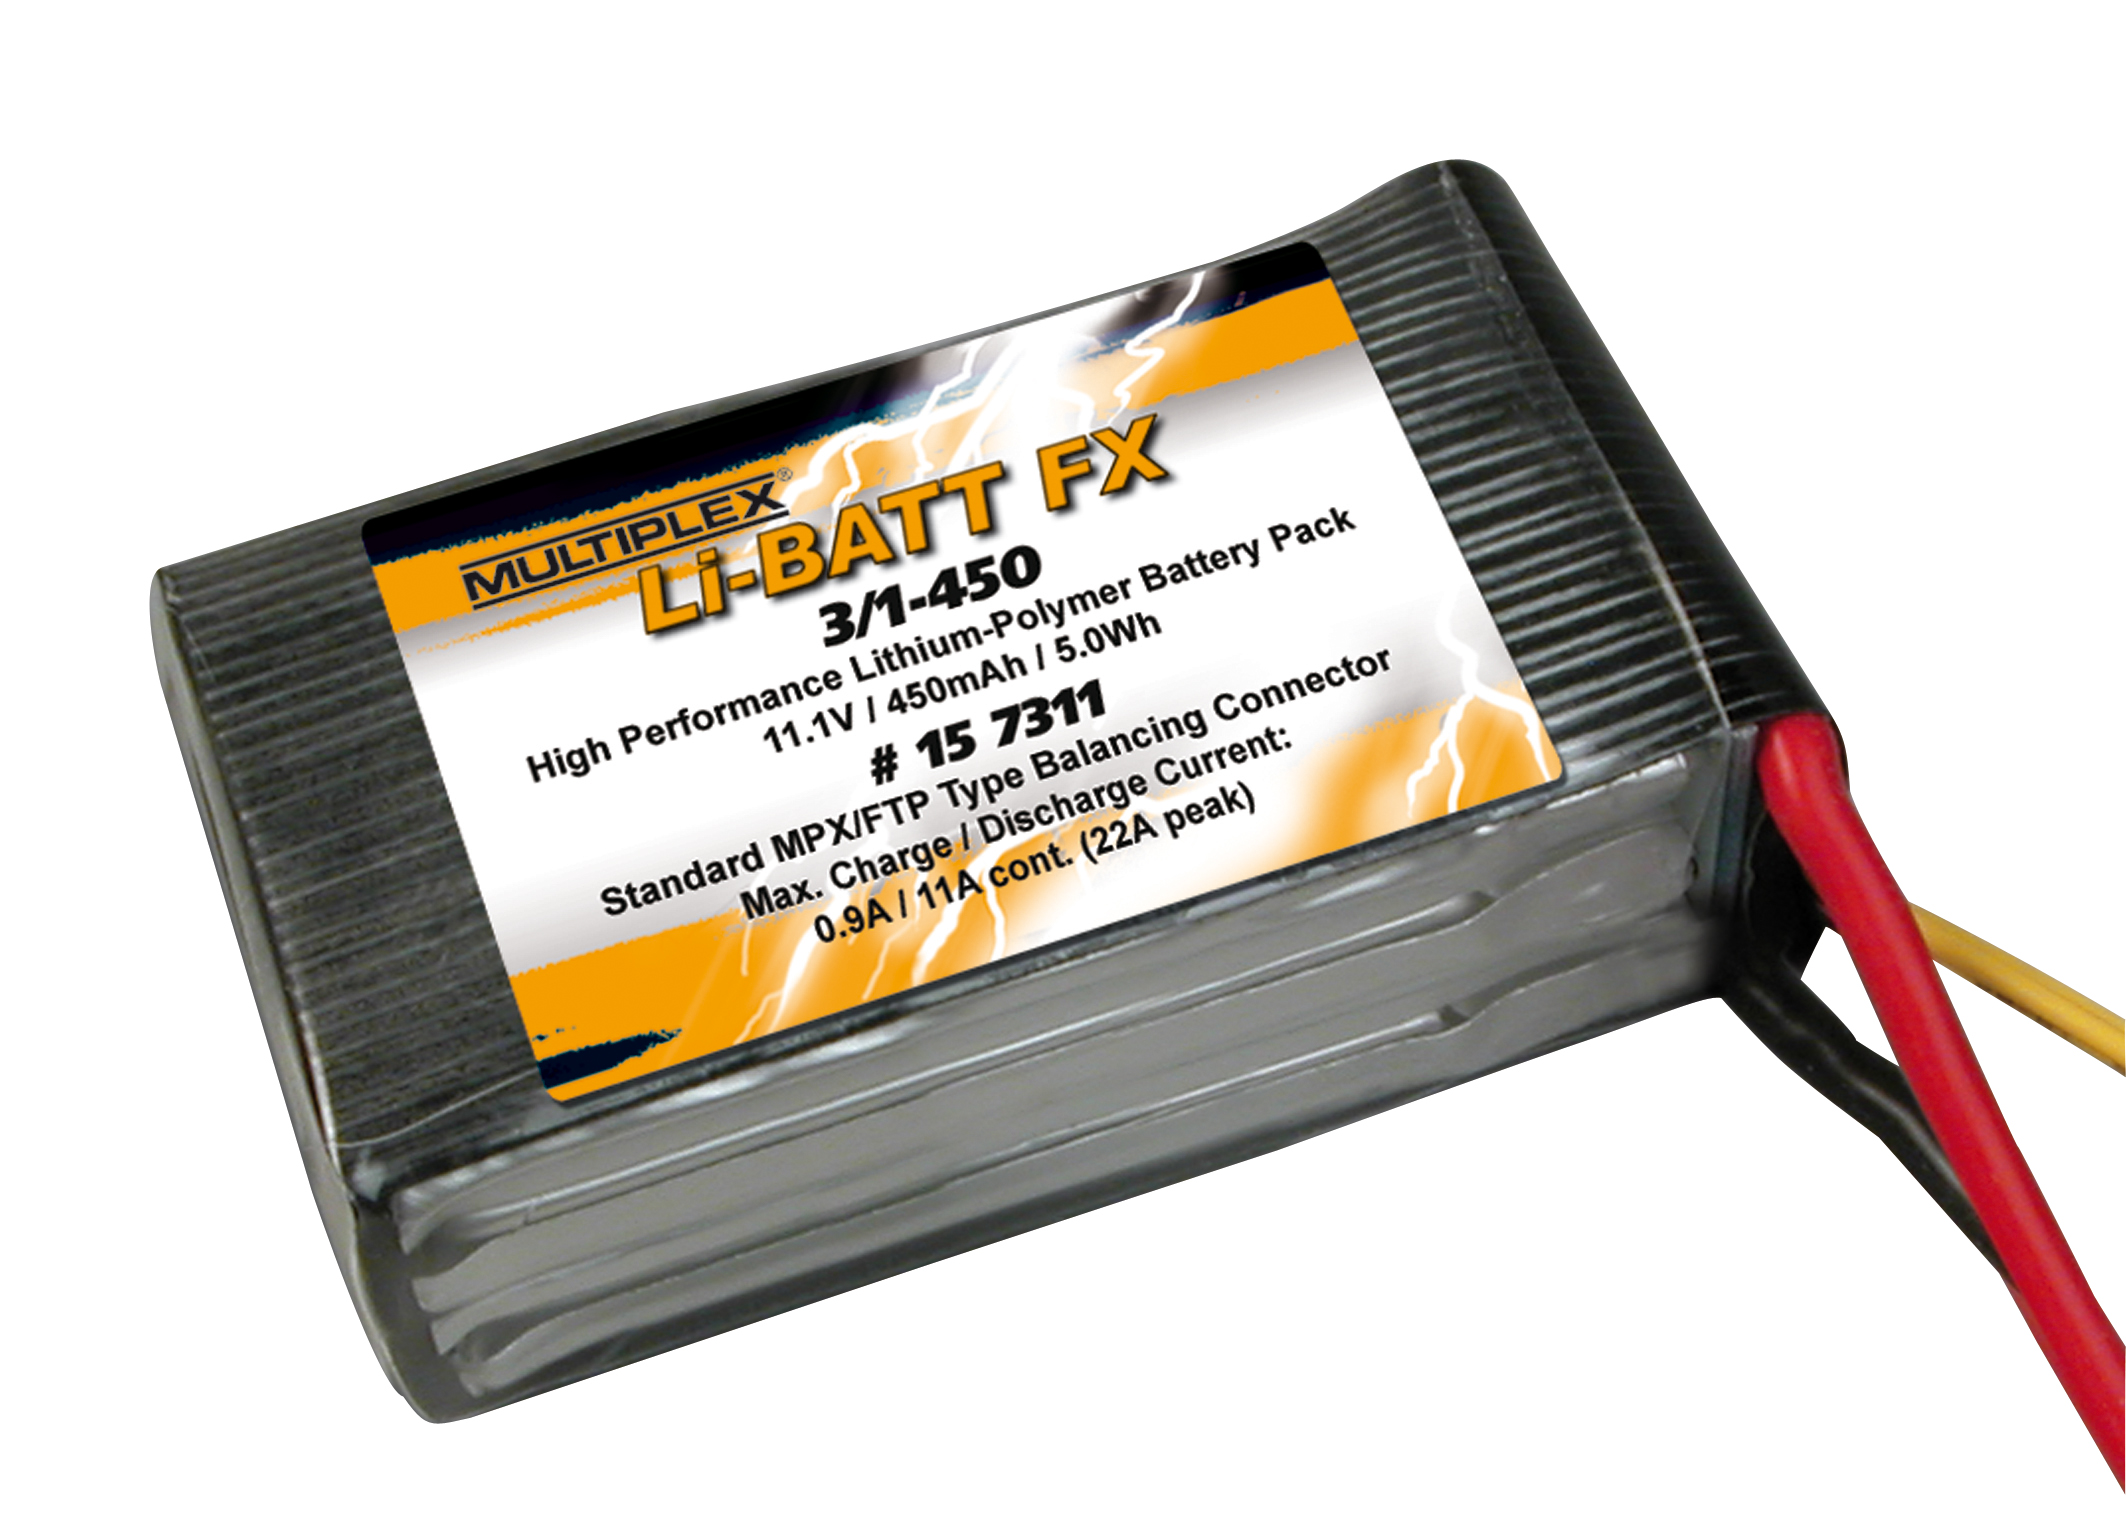 Akku Li-BATT FX 3/1-450 (M6)